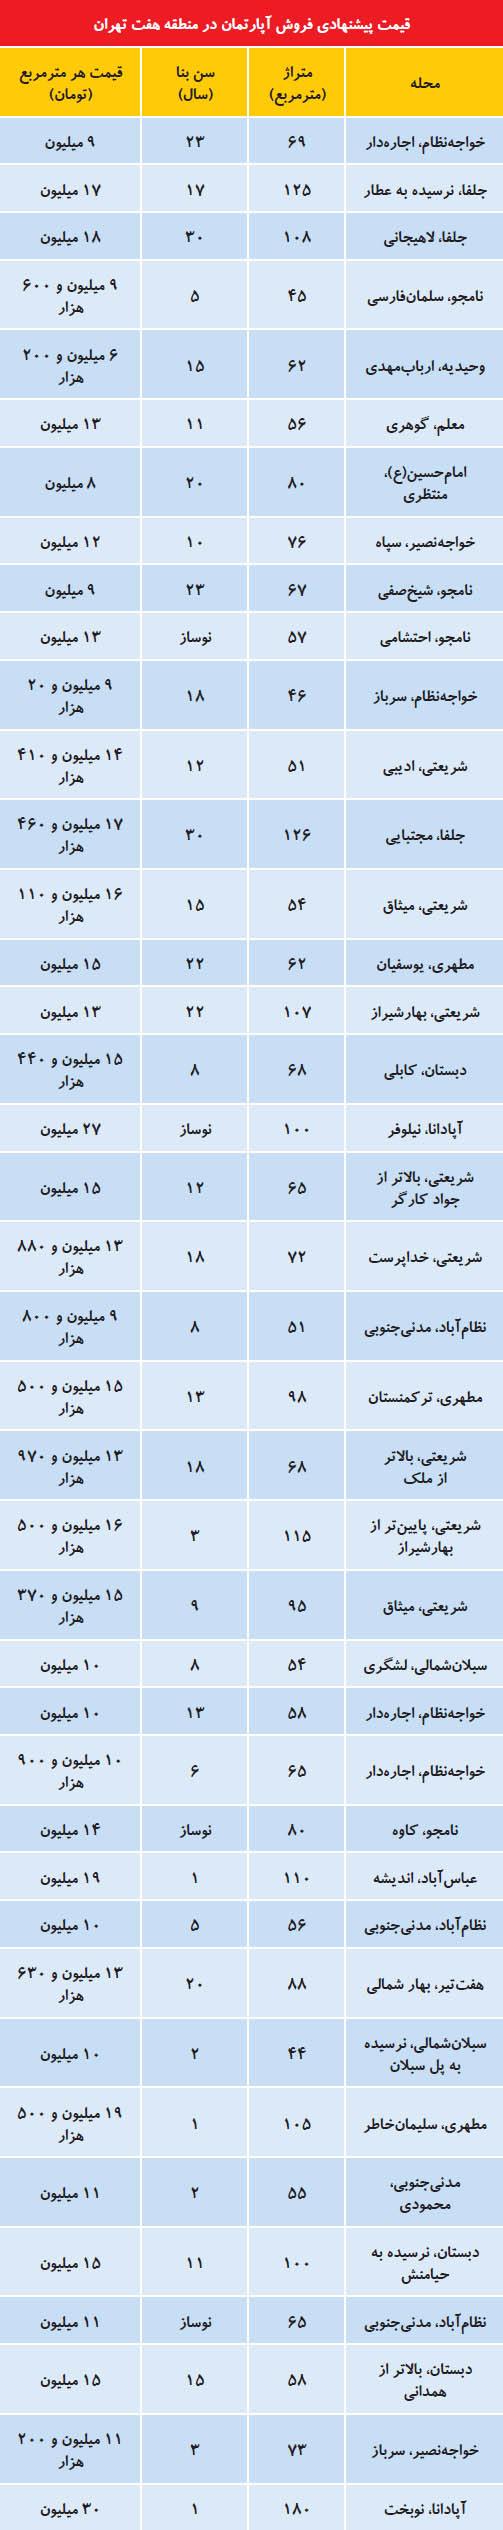 افت قیمت مسکن در منطقه ۷ تهران